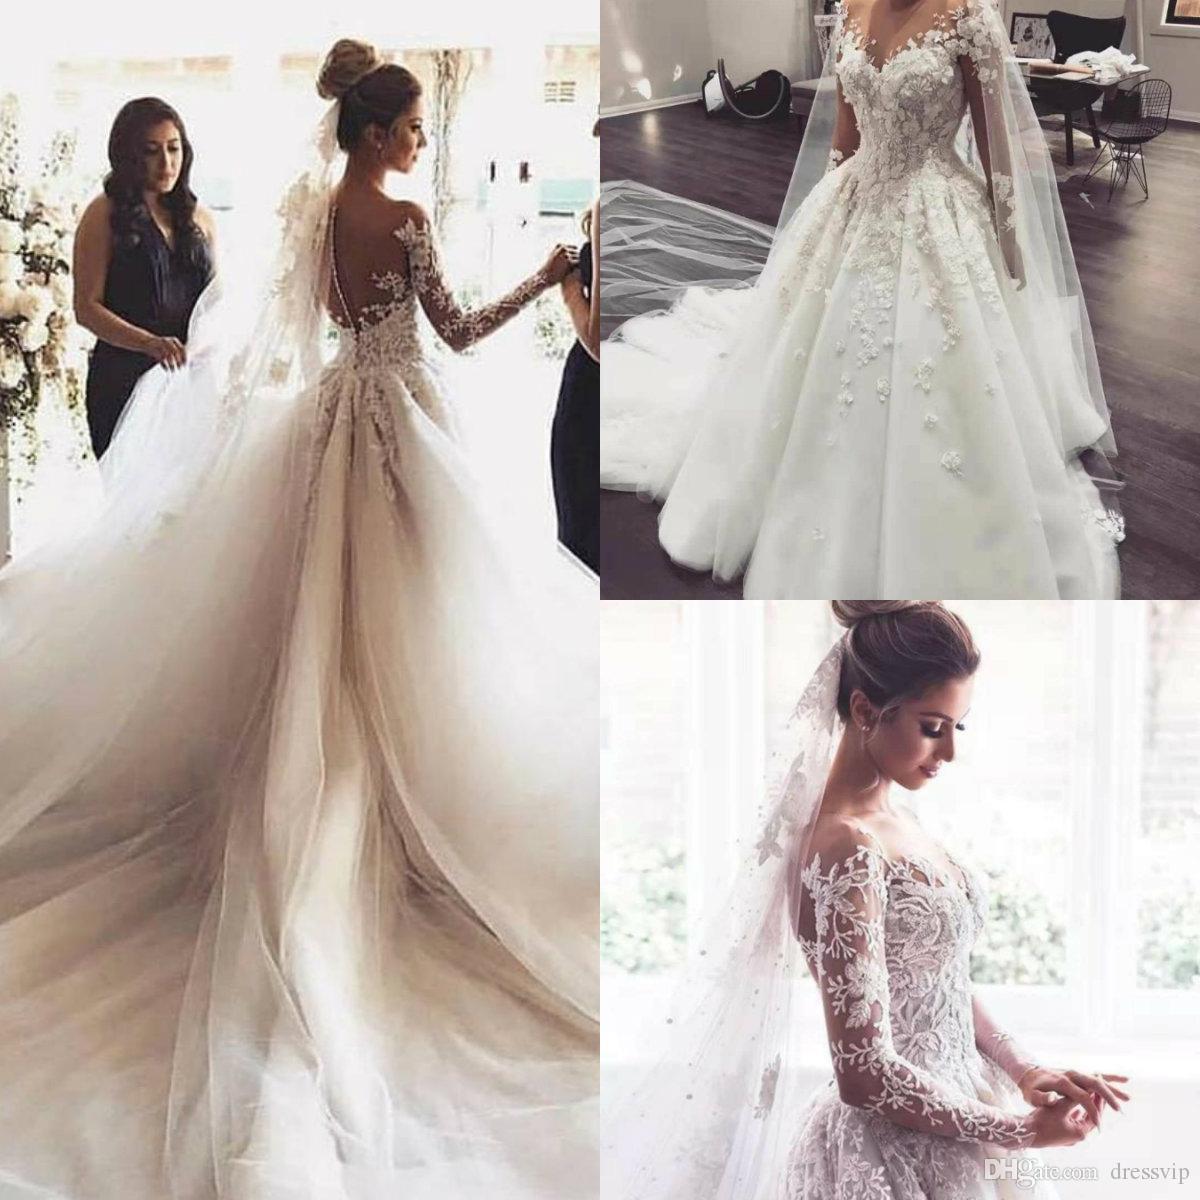 ec70478c2 Compre 2019 Una Línea De Vestidos De Novia Elegante Sheer Jewel Cuello De  Encaje Apliques Vestidos De Novia País Vestidos De Boda De Playa Por  Encargo A ...